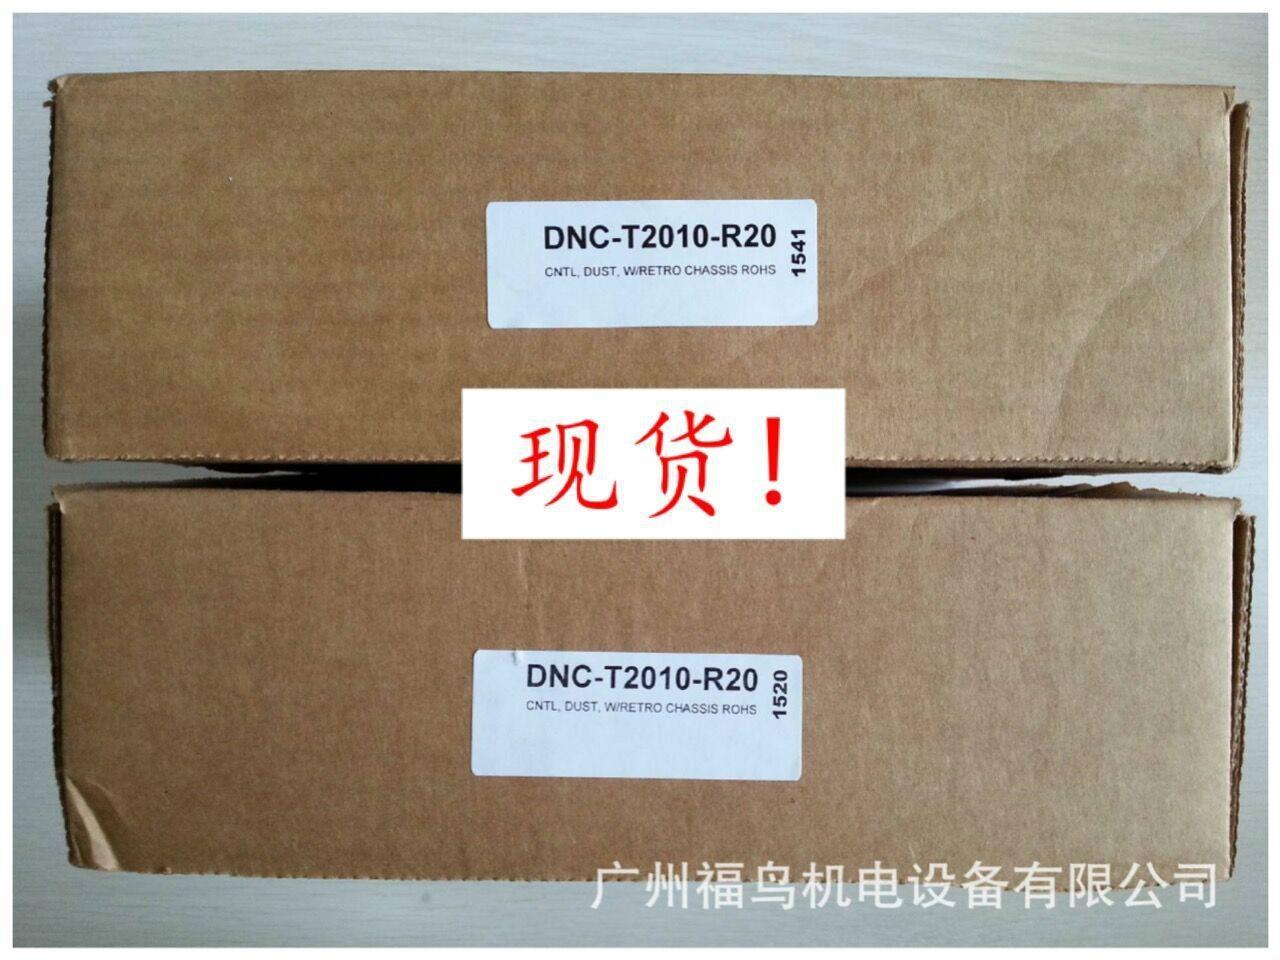 NCC時序控制板, 線路板, 型號: DNC-T2010-R20